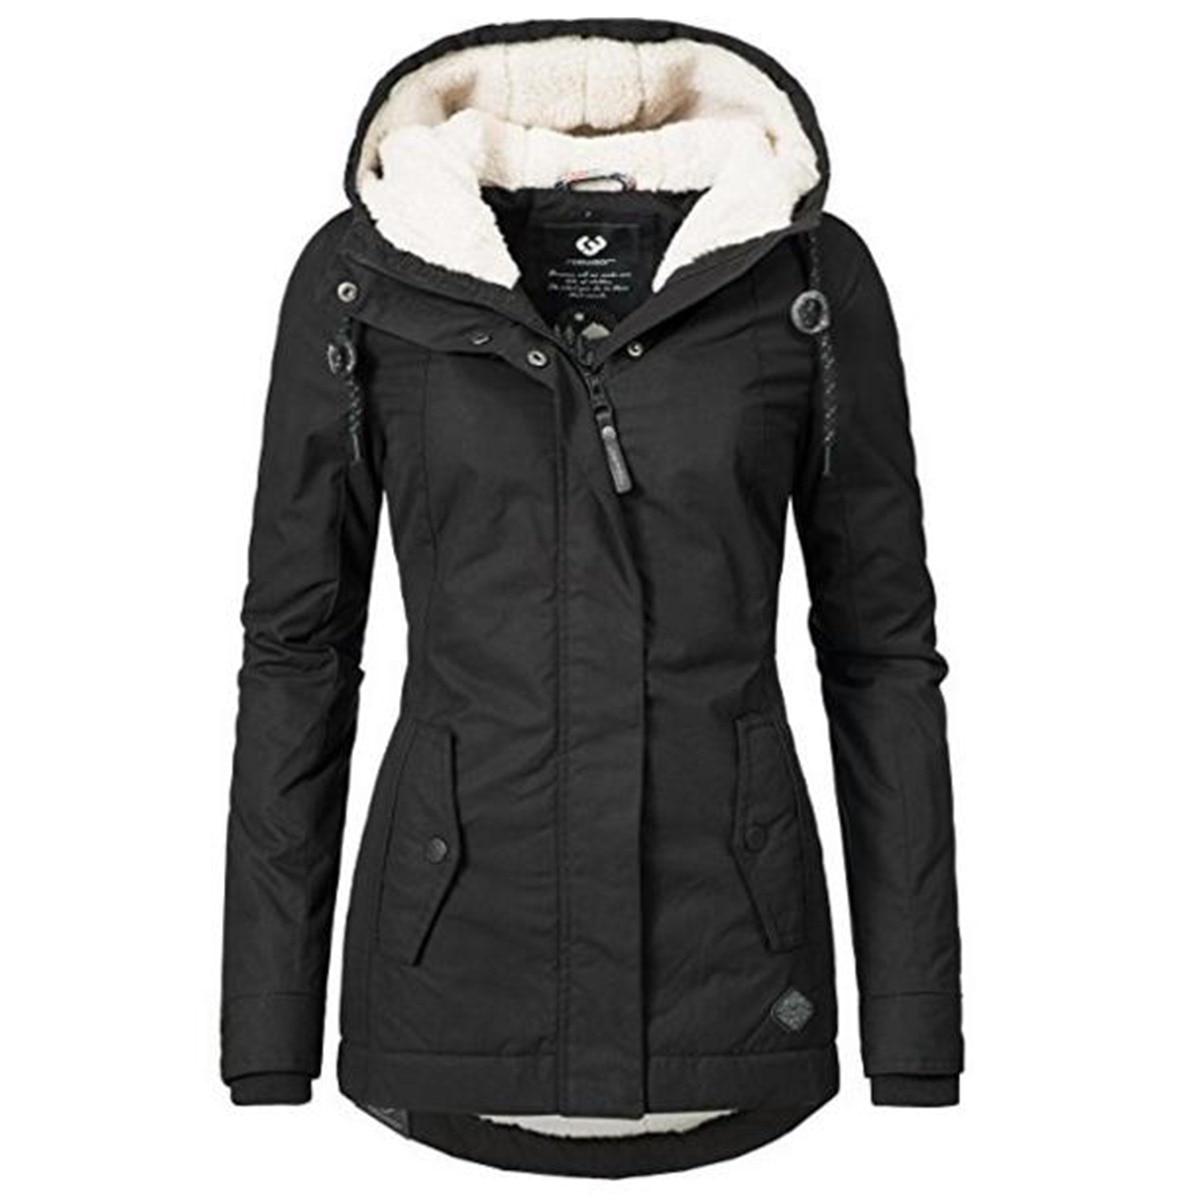 Negro abrigos de algodón casuales de las mujeres chaqueta con capucha abrigo de moda Simple de la calle Slim 2018 invierno cálido espesar básicas Tops